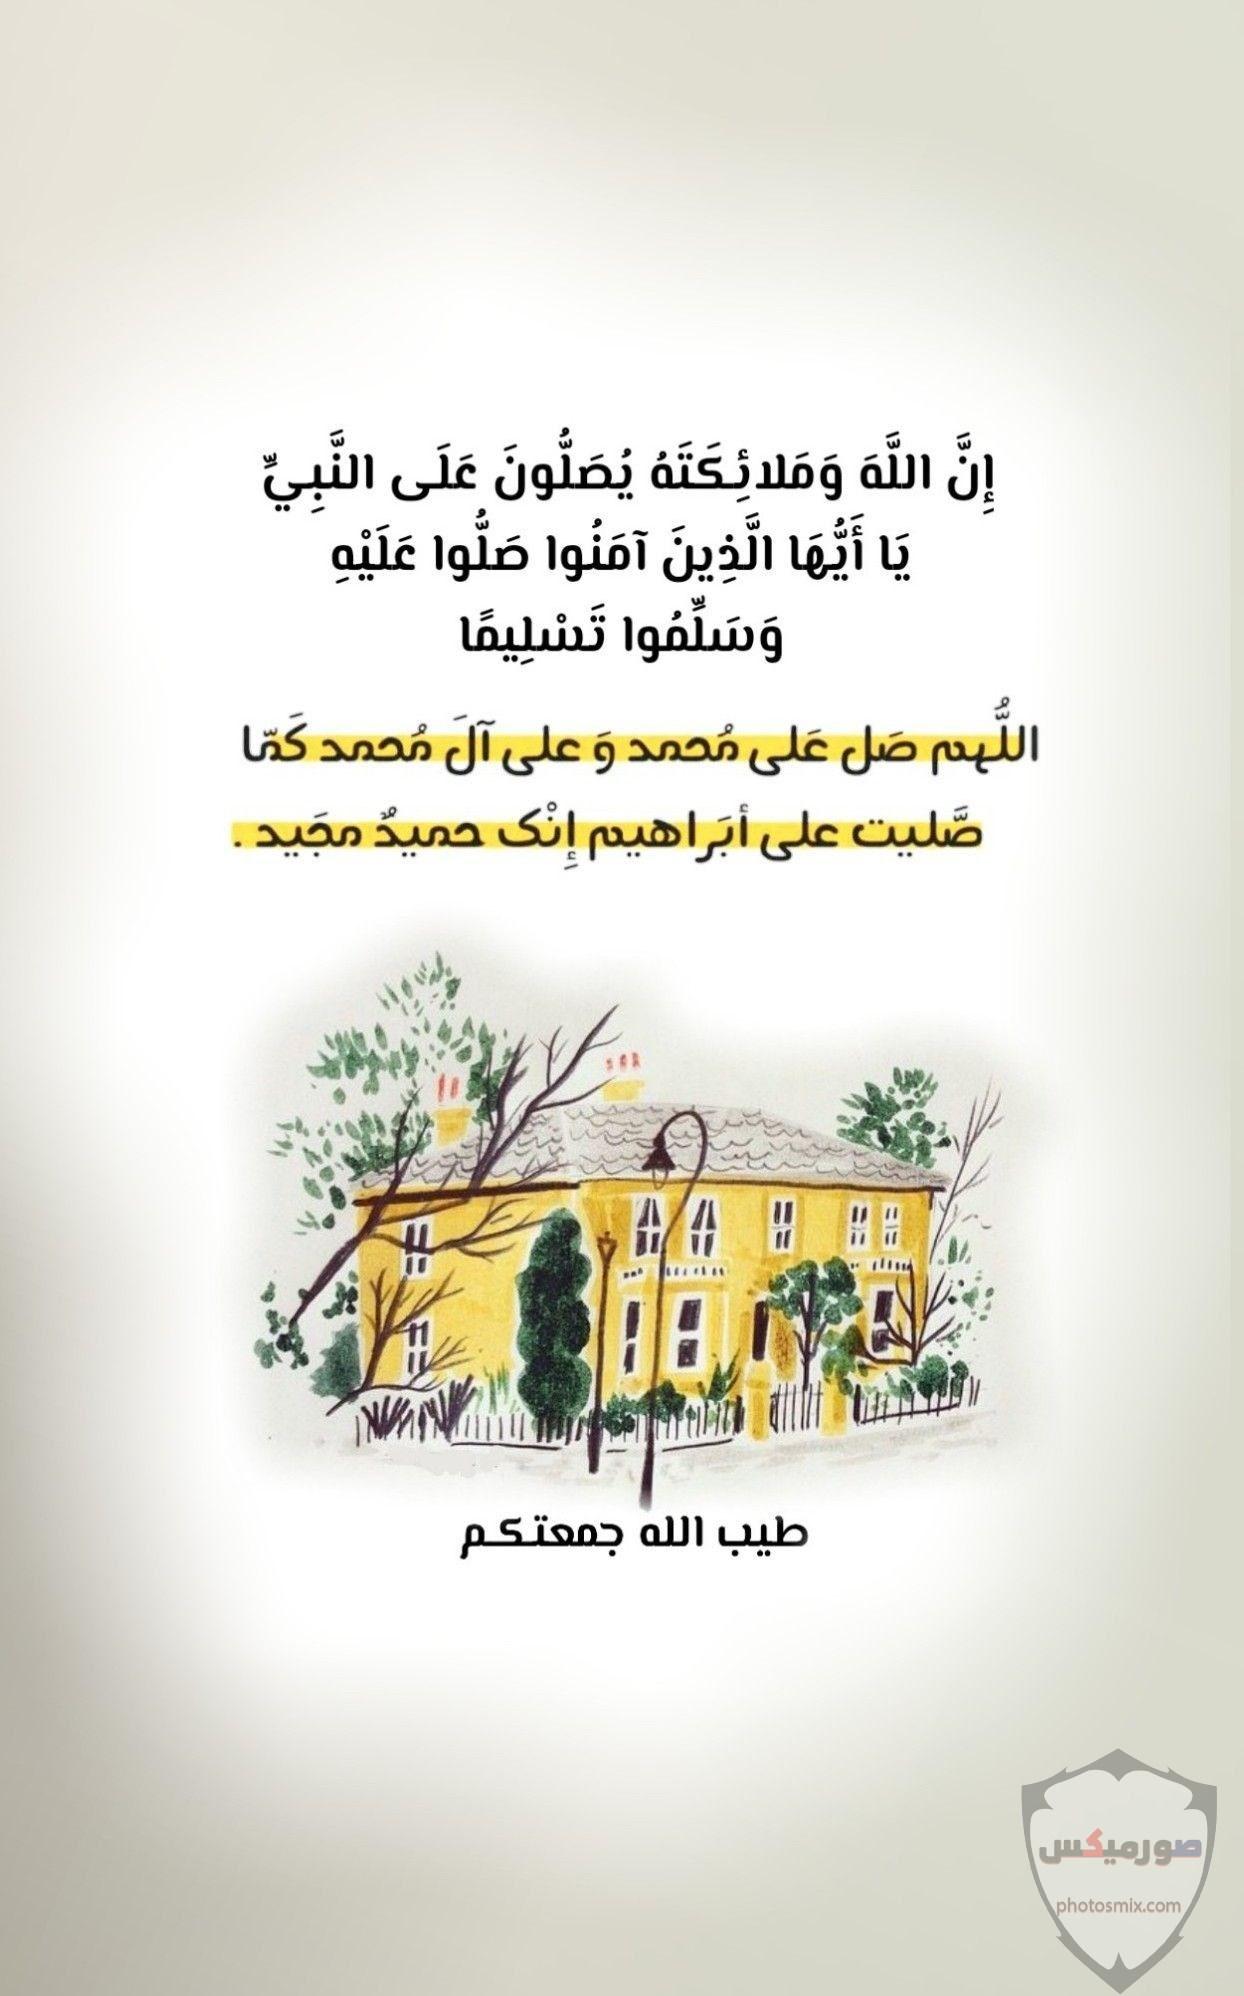 جمعة مباركة صور جمعة مباركه 2020 ادعية يوم الجمعه مصورة مكتوب عليها جمعة مباركة 30